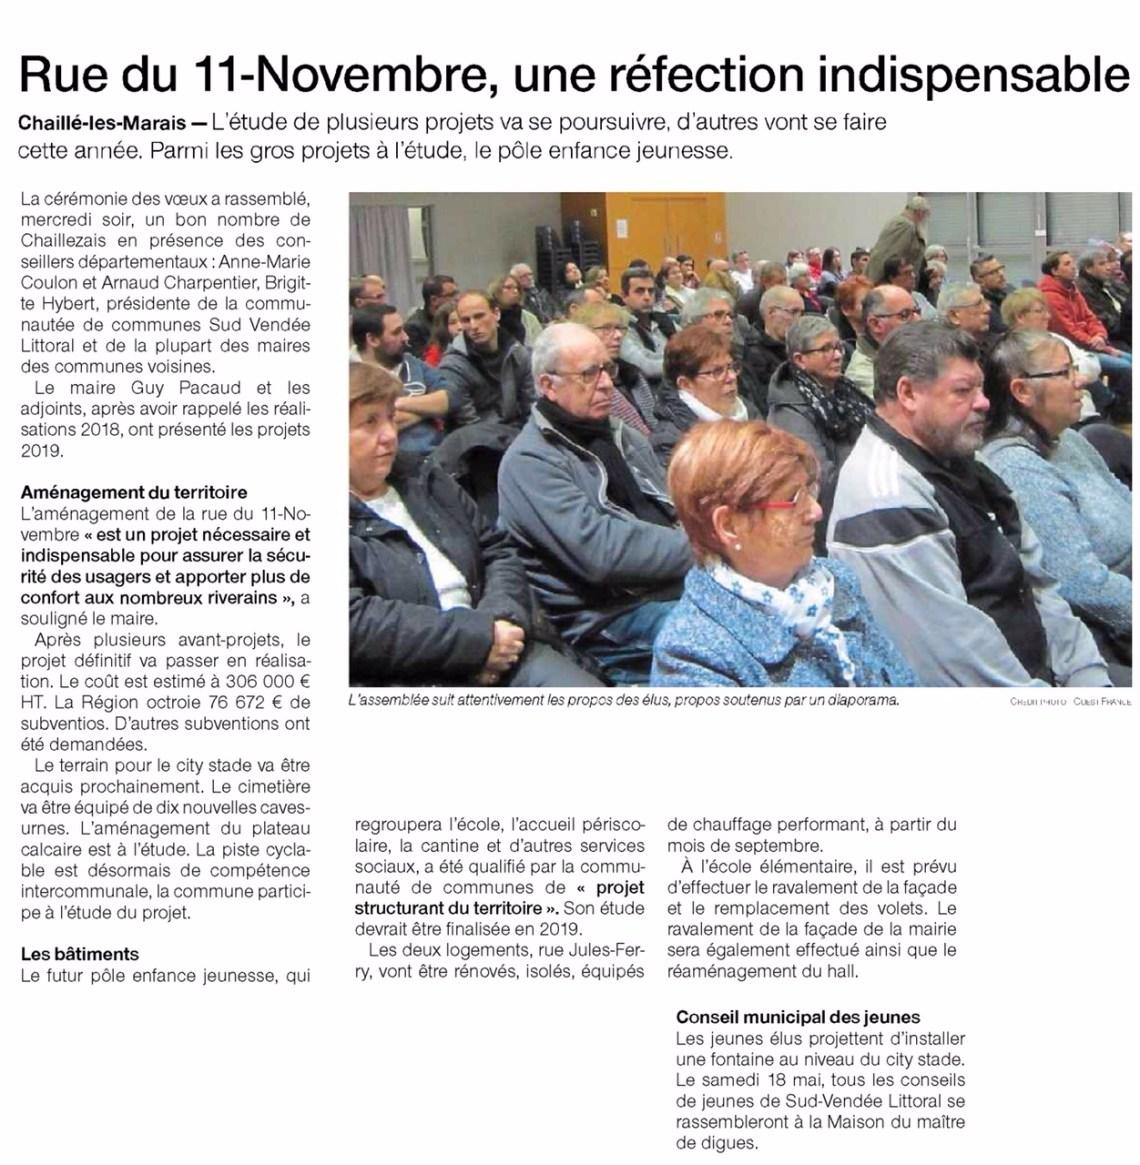 Rue du 11-Novembre, une réfection indispensable